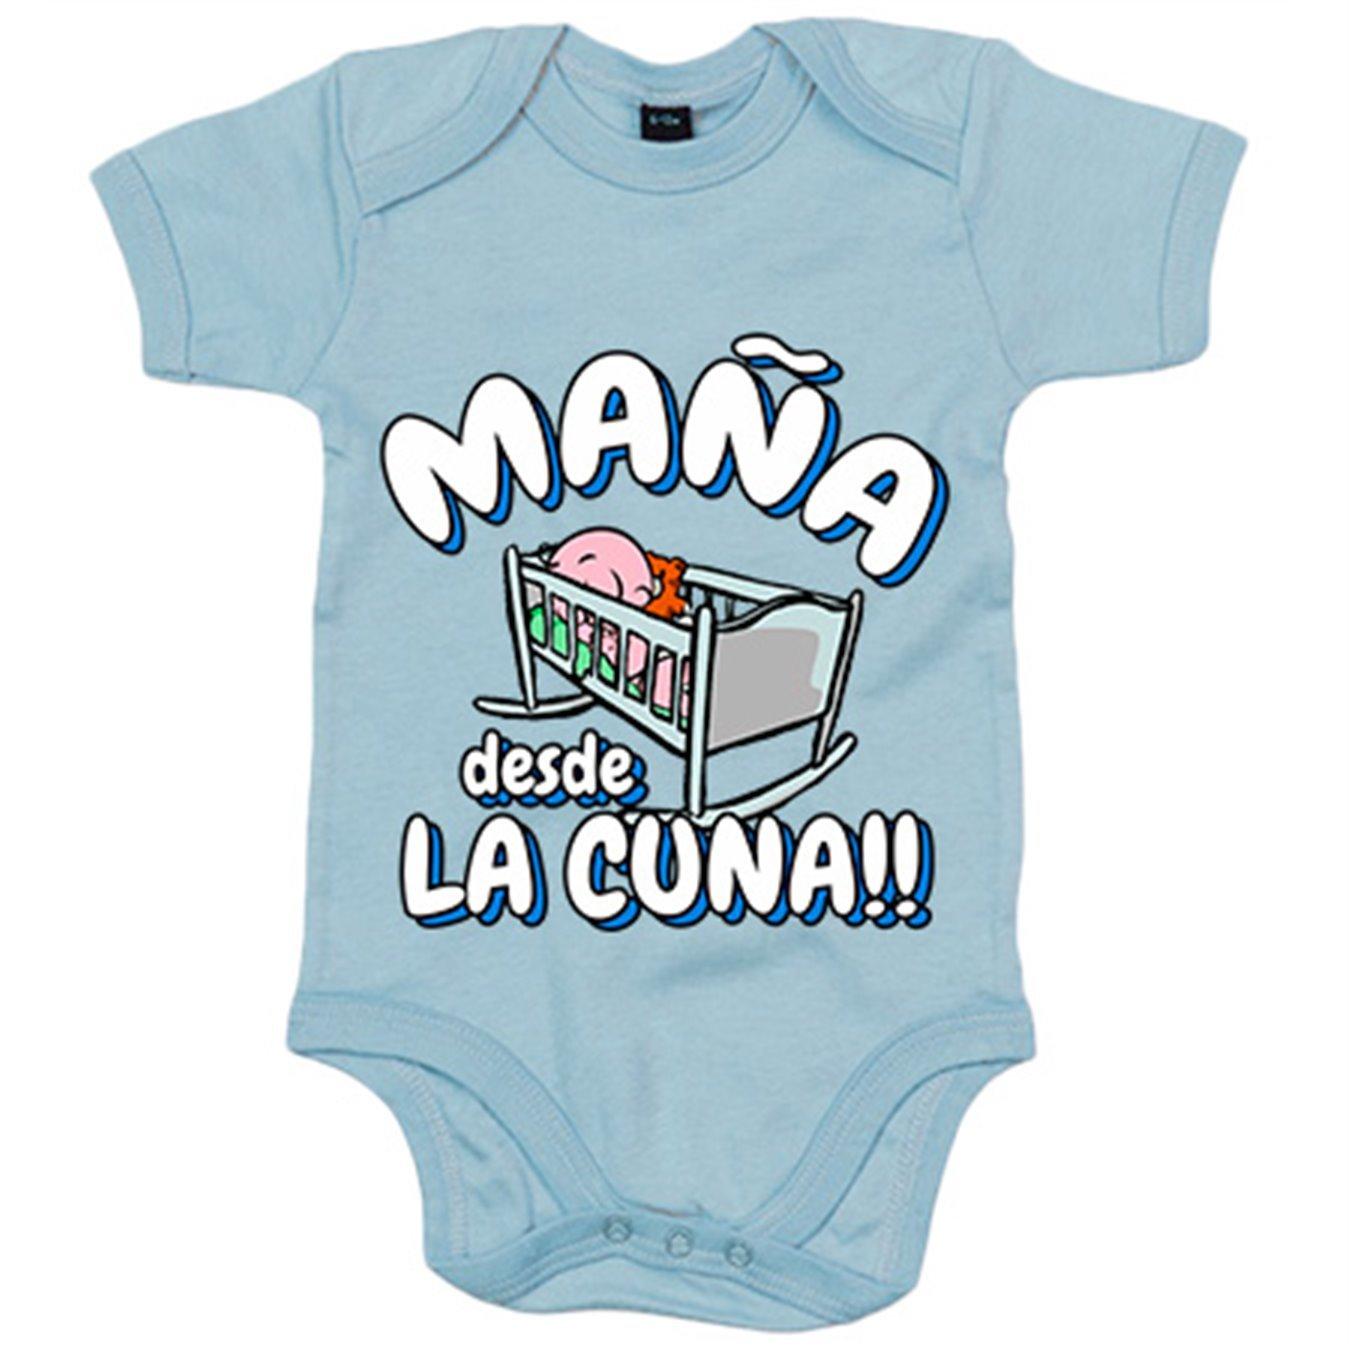 Body bebé Maña desde la cuna Zaragoza fútbol - Azul Royal, 6-12 meses: Amazon.es: Bebé